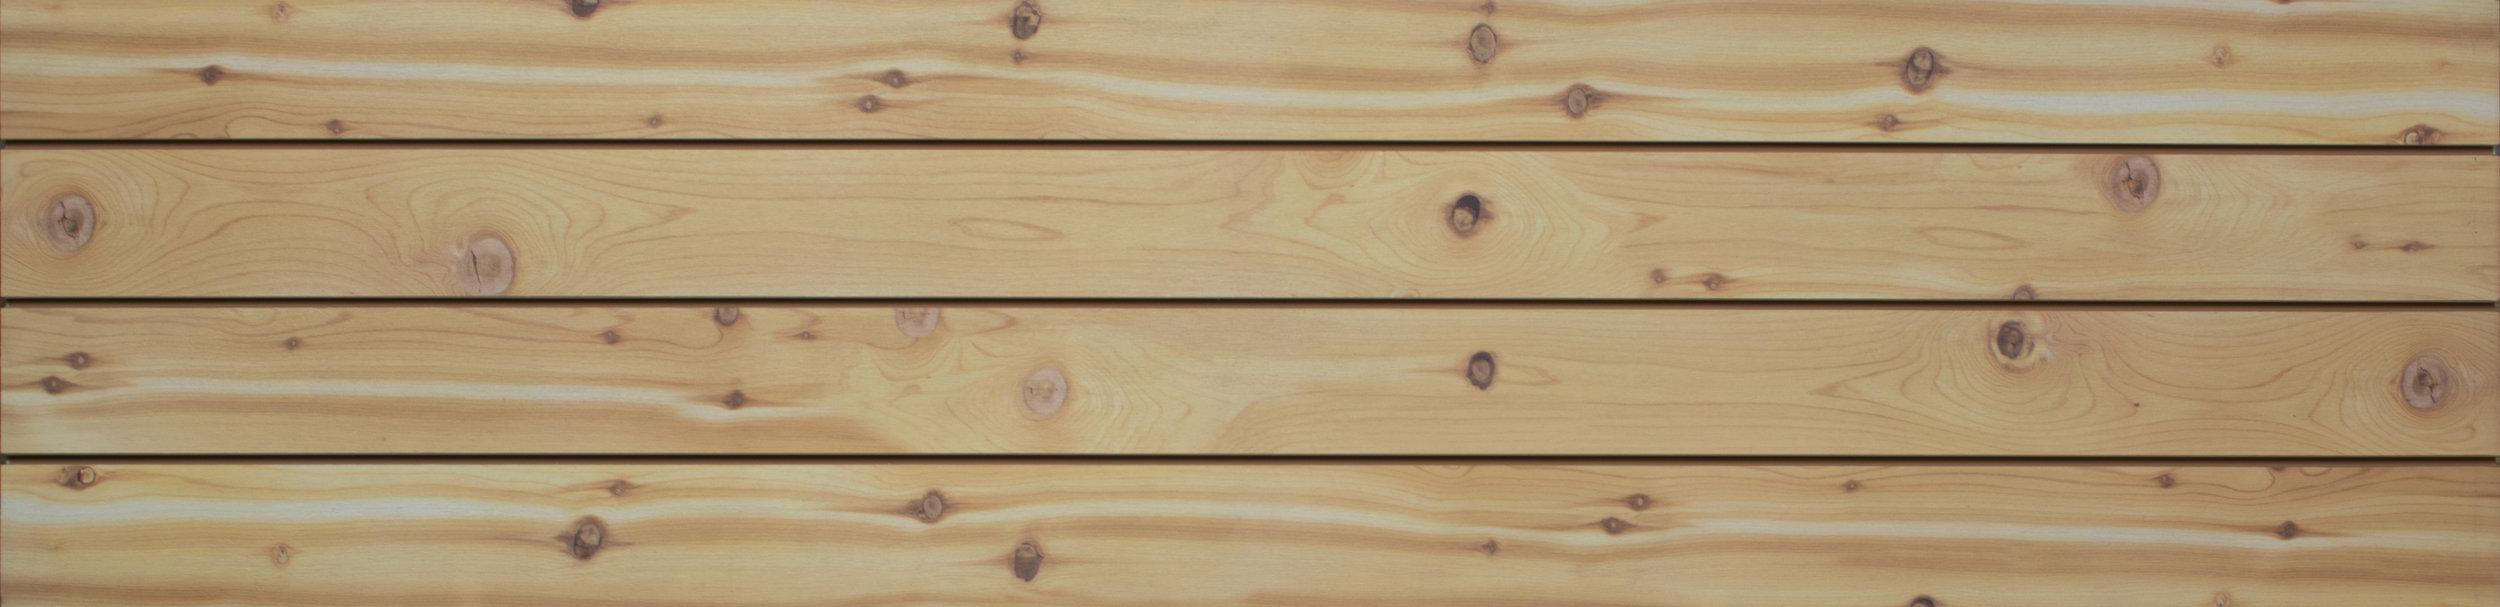 Cedar natural full sheet.jpg